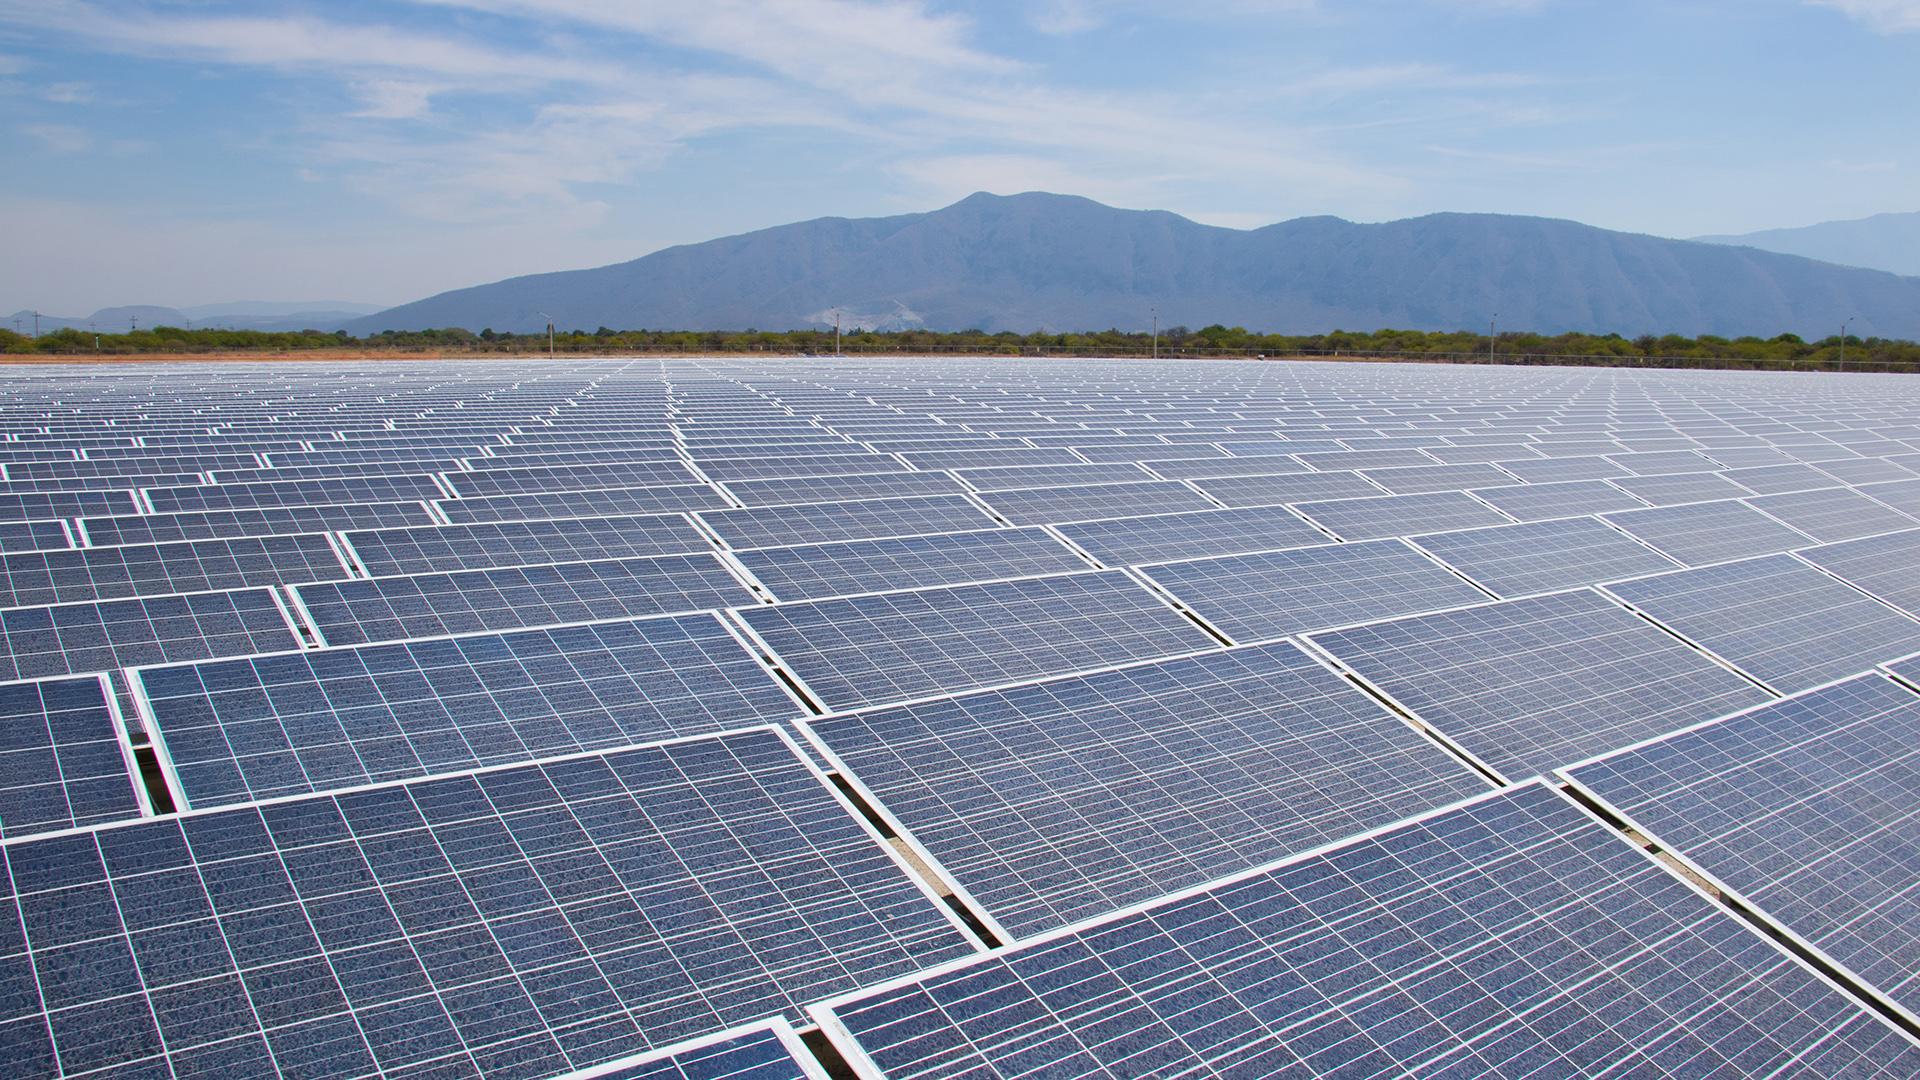 Un campo solar que puede alimentar 32,000 casas